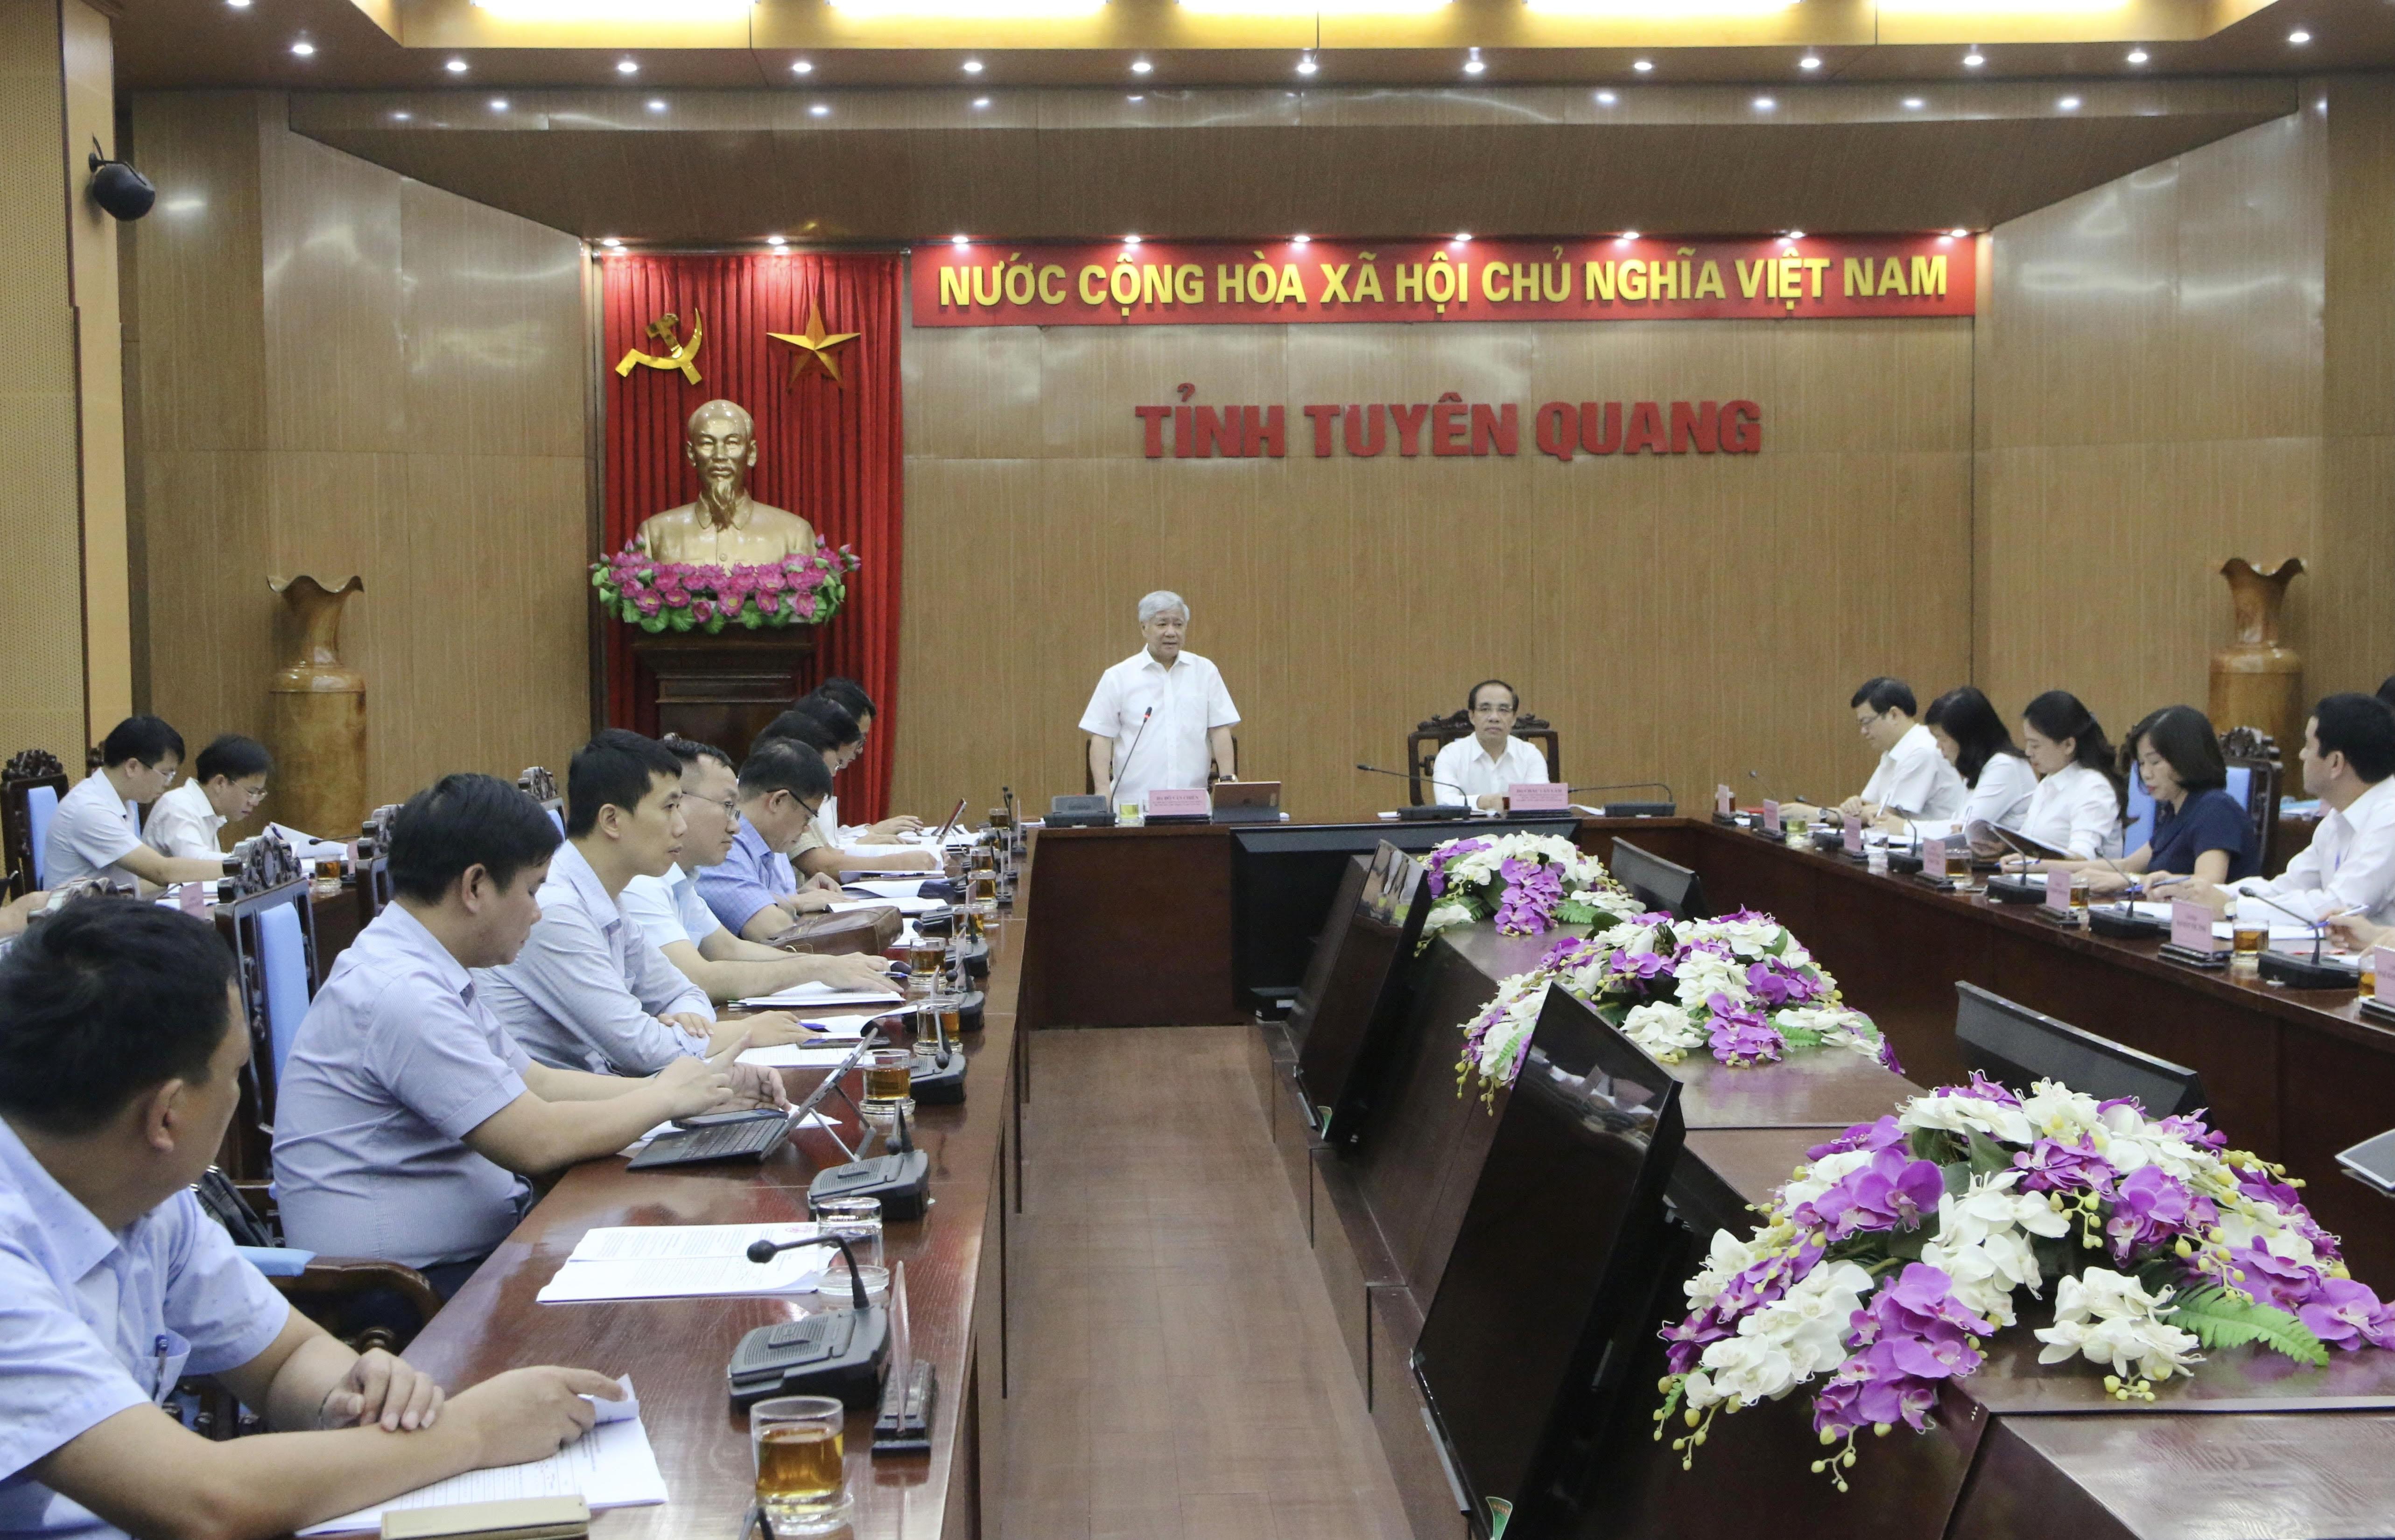 Bộ trưởng, Chủ nhiệm UBDT Đỗ Văn Chiến phát biểu tại buổi làm việc